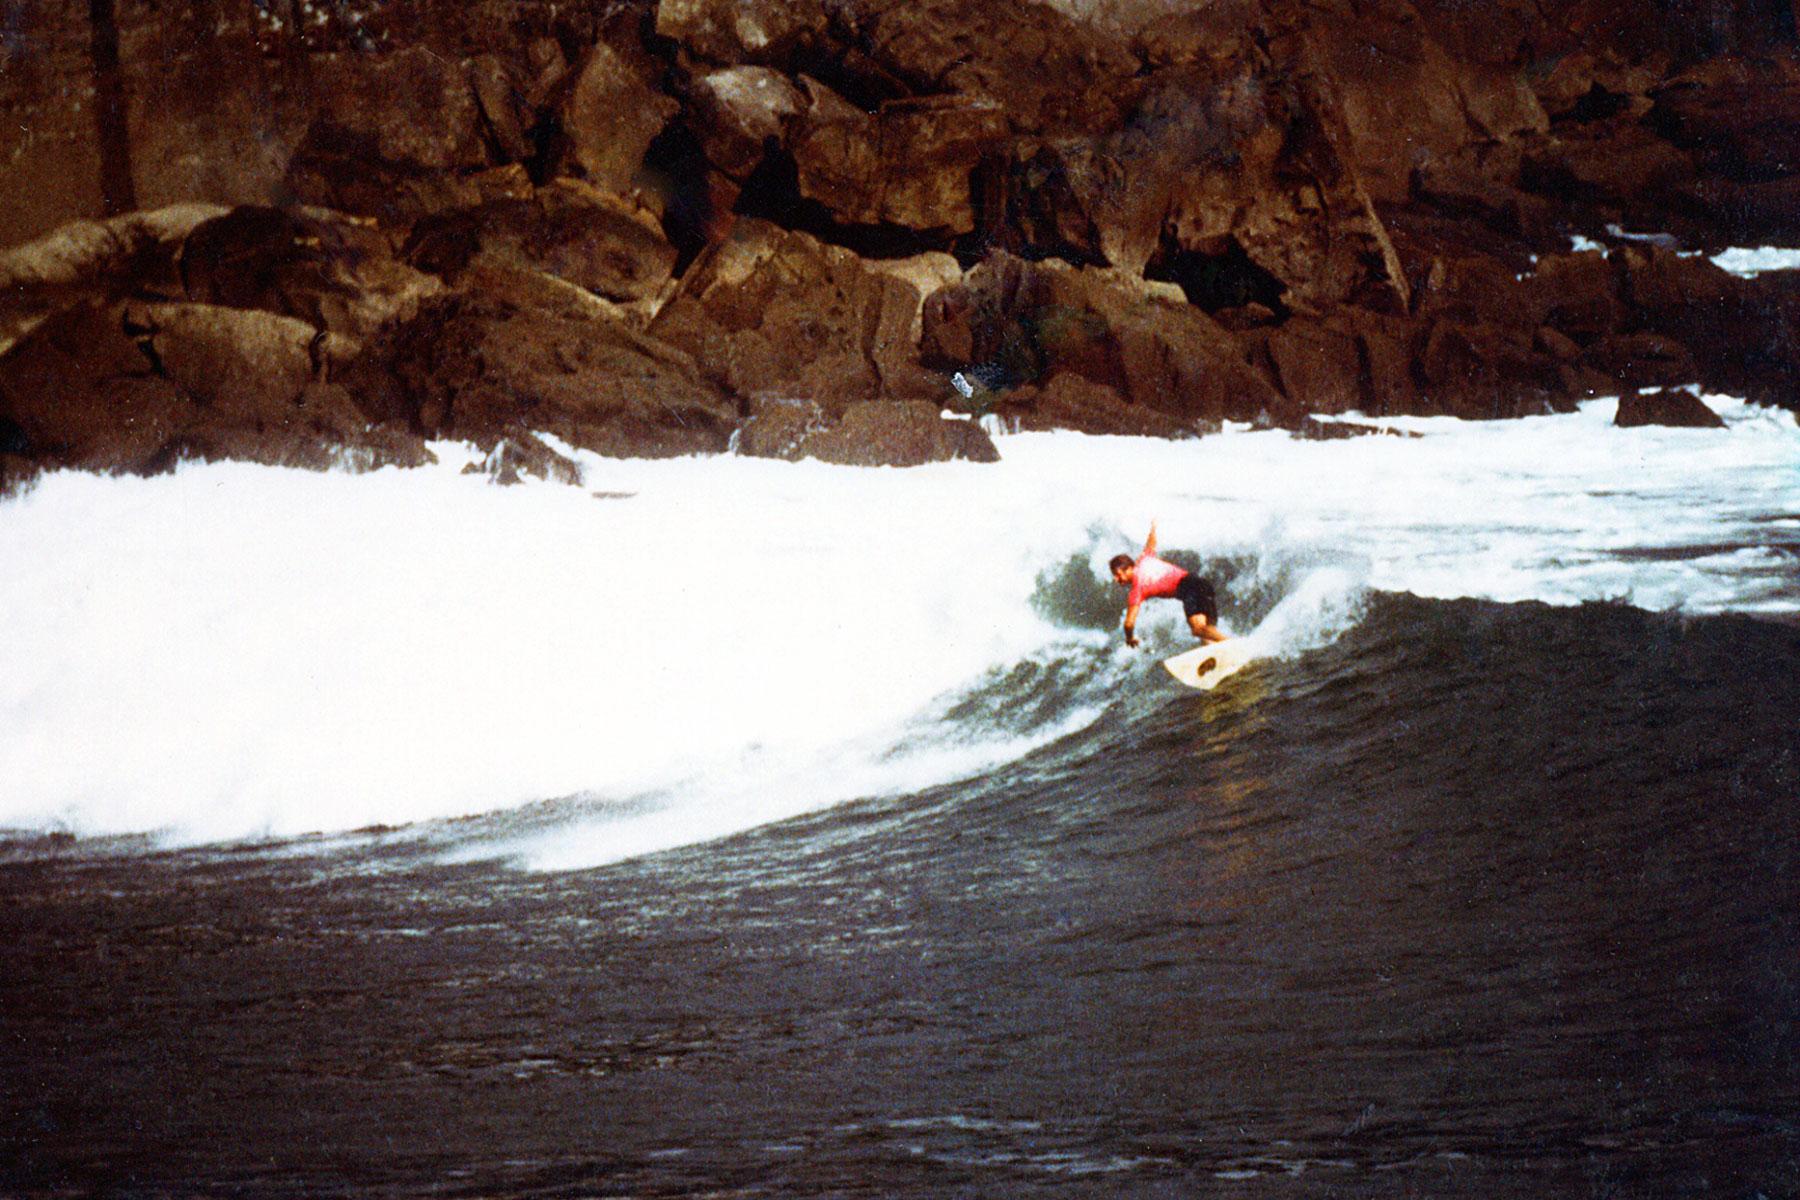 Surfing Spain   Ubiri point break   Bay of Biscay   Karramarro (Crab) Basque Language   Steven Andrew Martin